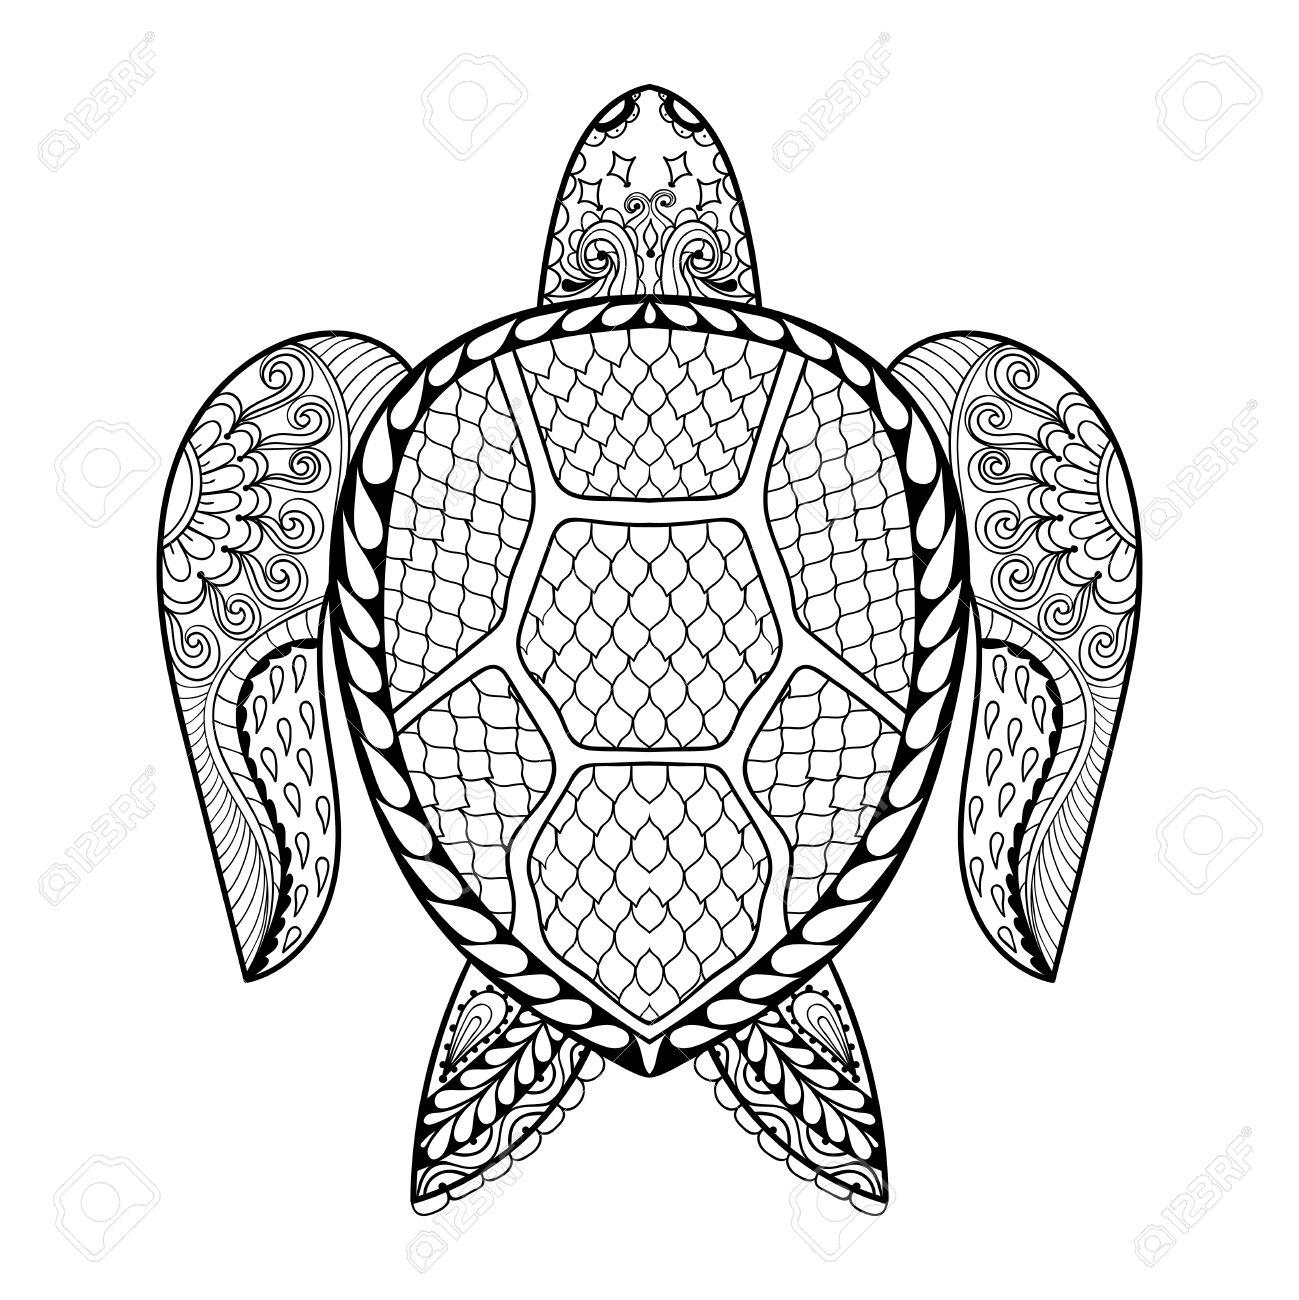 Tortuga Para Colorear. Excellent Foto De Archivo Tortugas De Mar ...